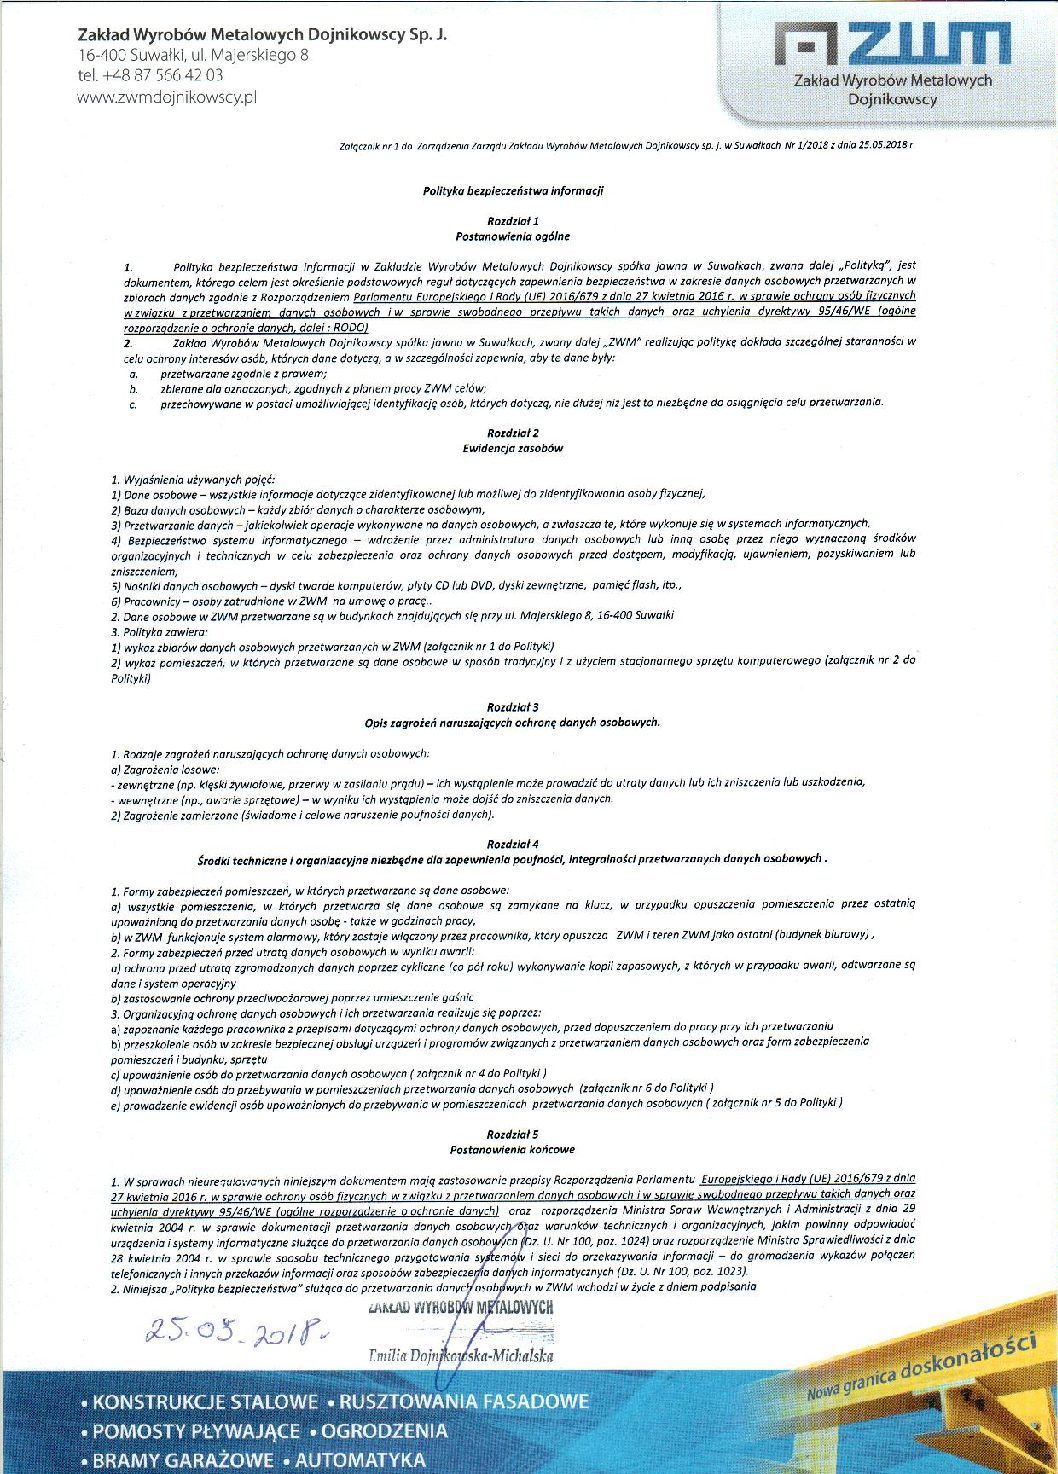 ZWM Dojnikowscy – Polityka bezpieczeństwa informacji